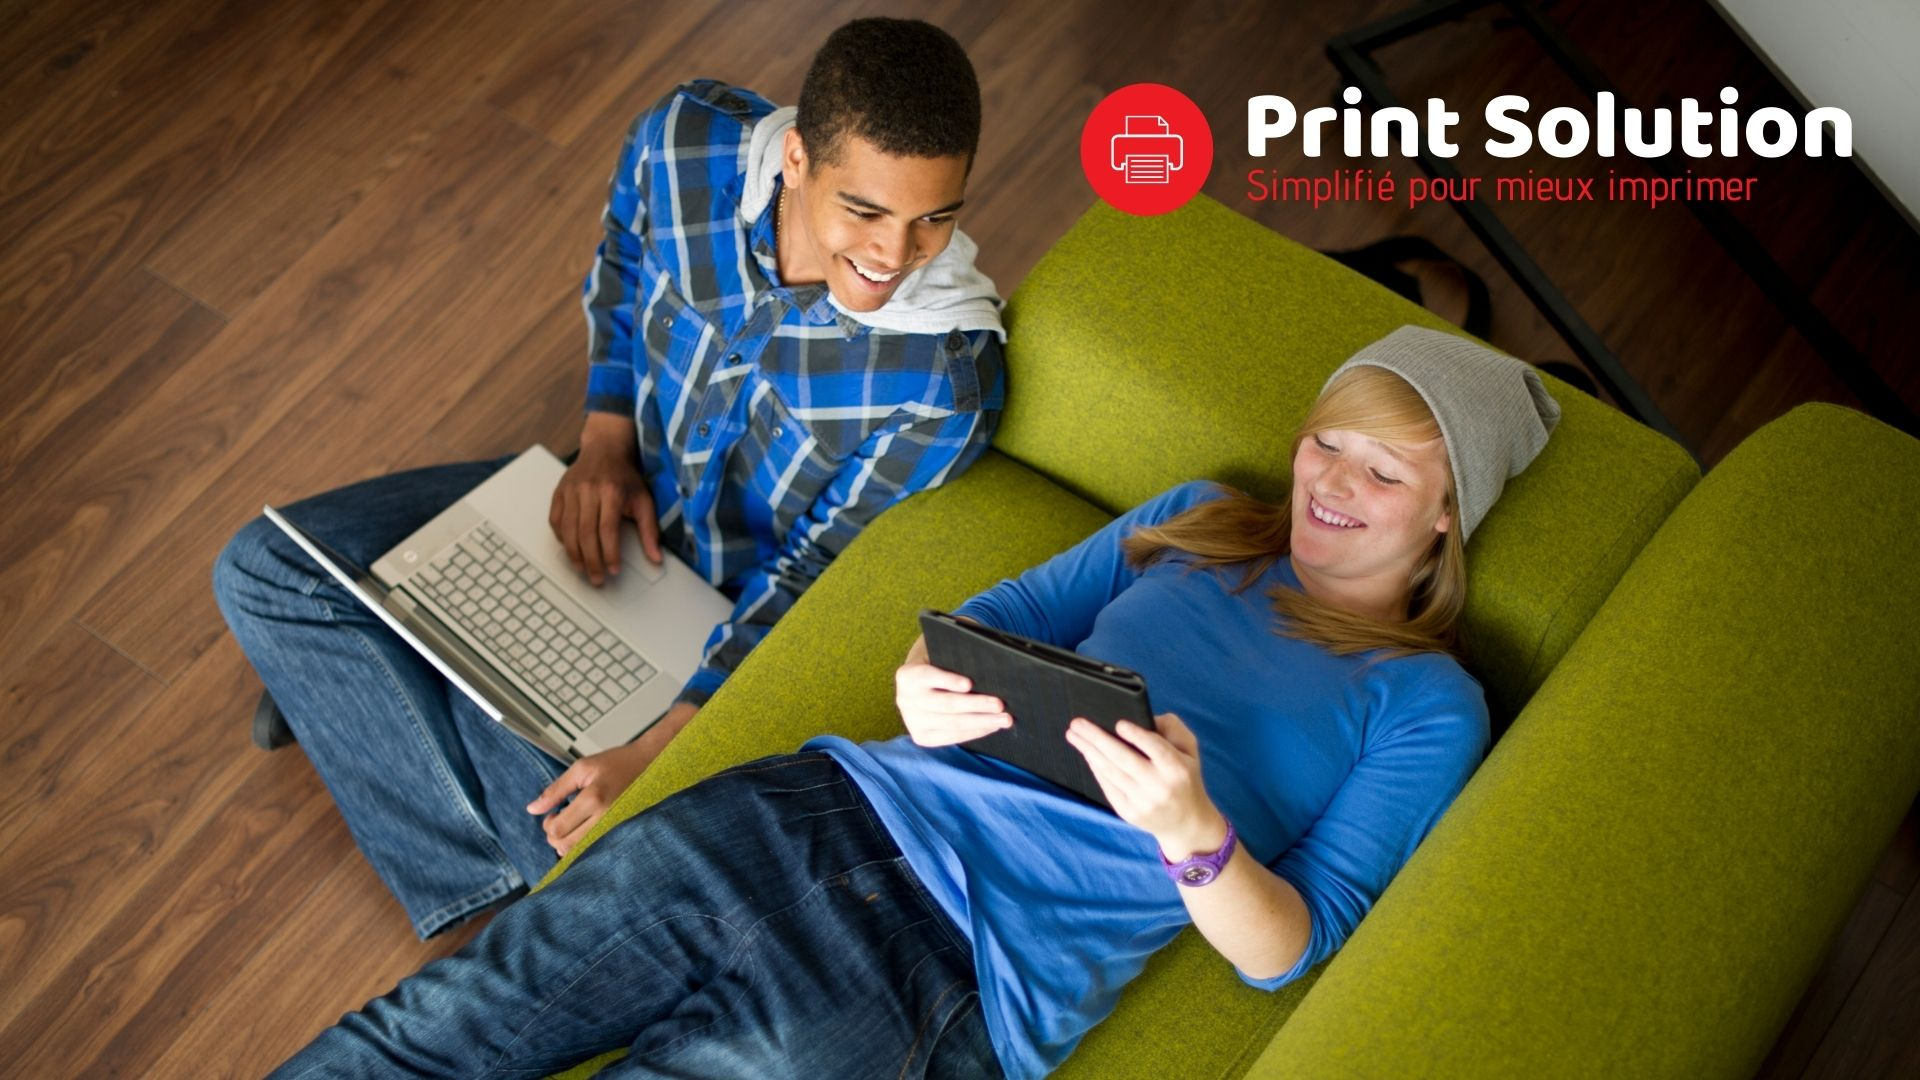 Les 4 problèmes d'imprimante les plus courants résolus!